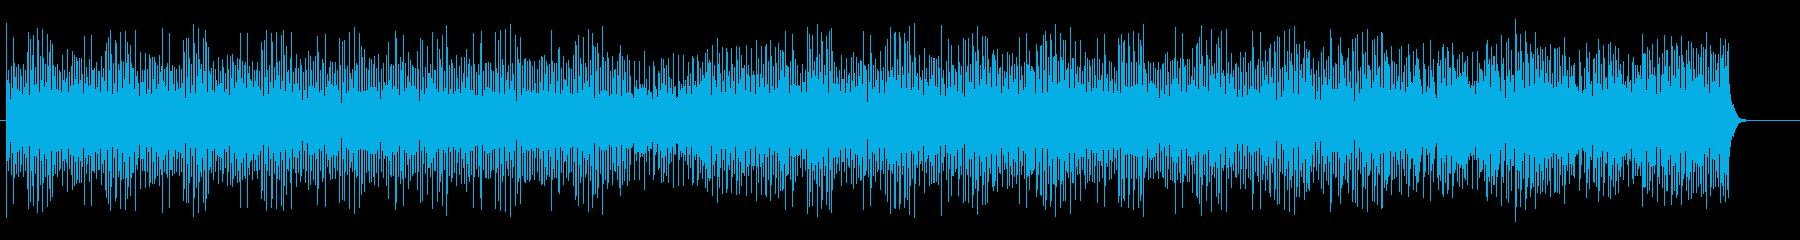 電子音で構成されたゲームミュージックの再生済みの波形